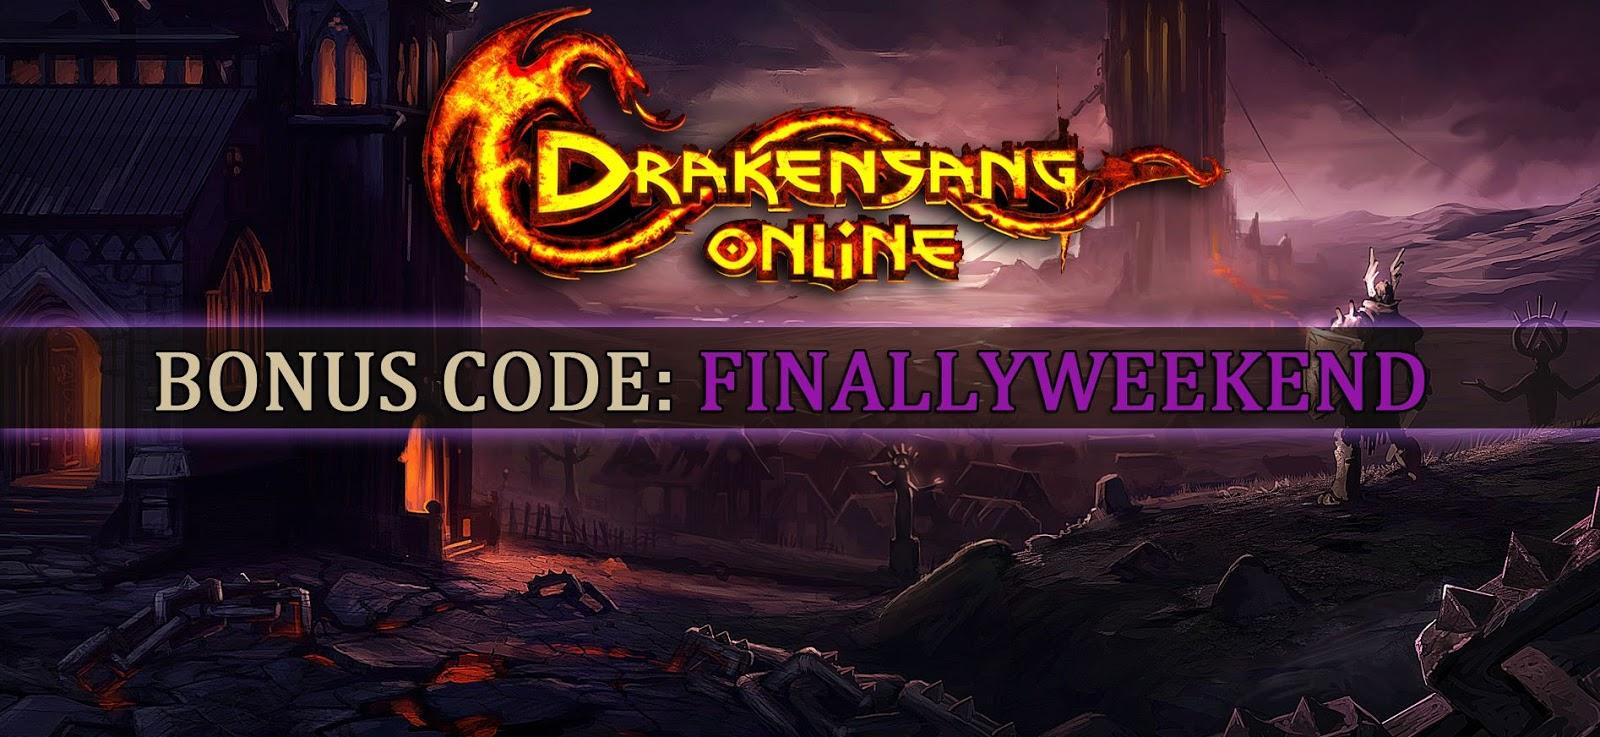 Drakensang Online Brasil: Bonus Code (Código Bônus ...  Drakensang Onli...